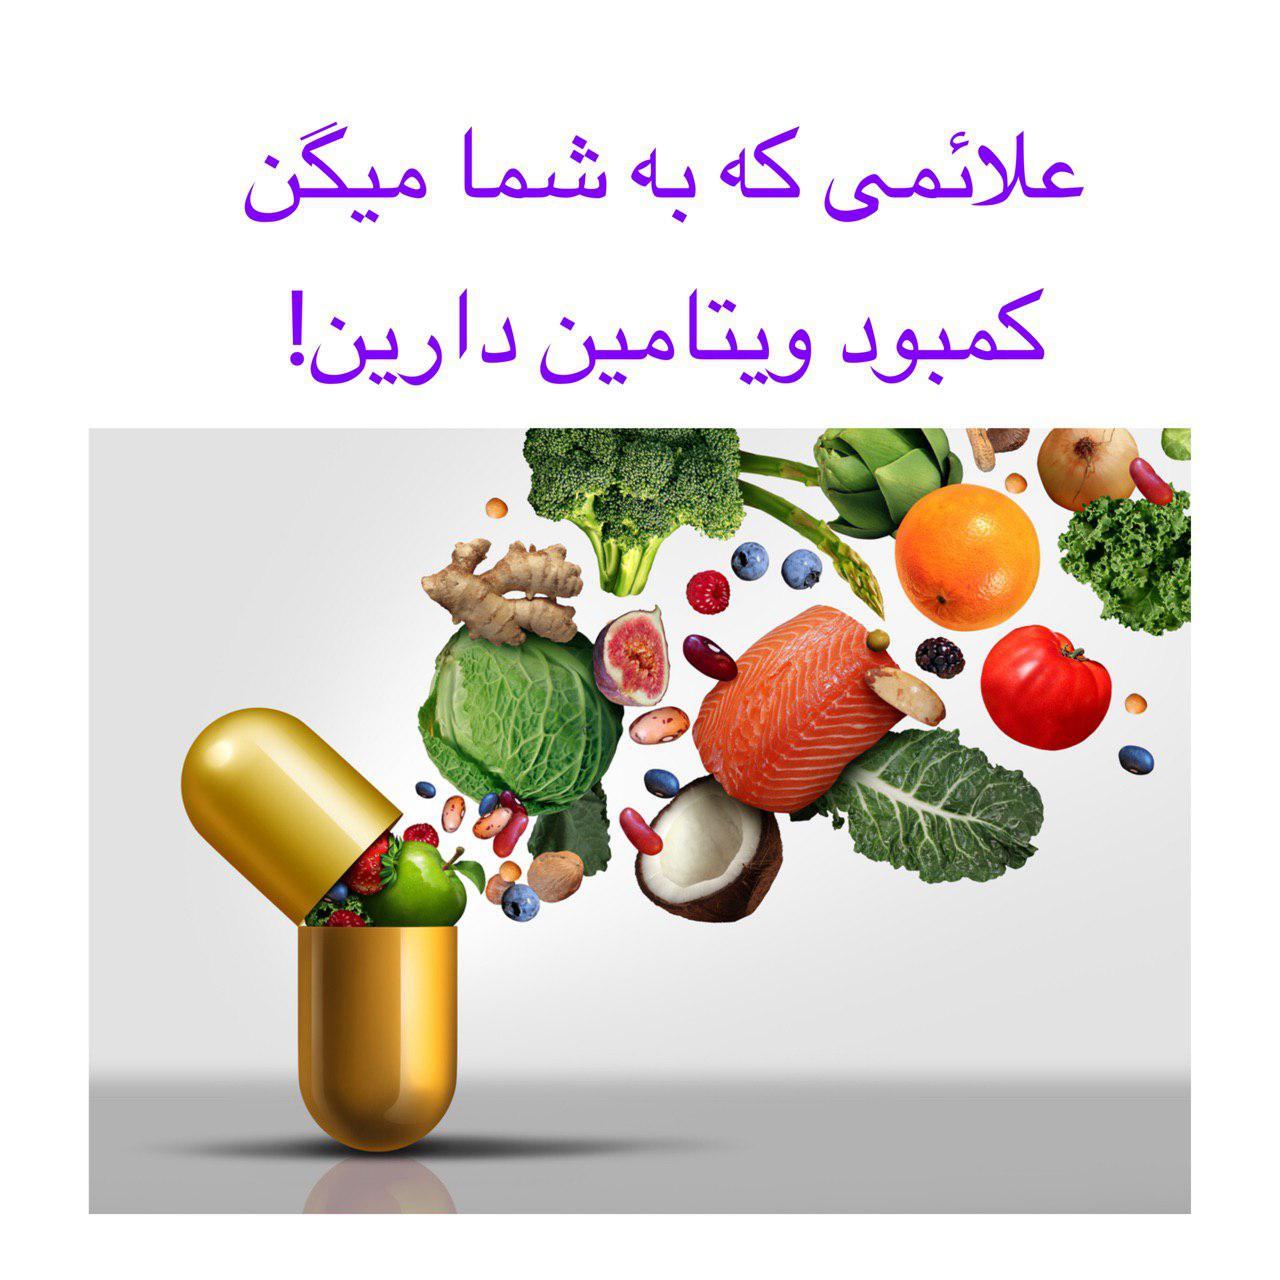 ۸ نشونه ای که به ما میگه کمبود ویتامین داریم!